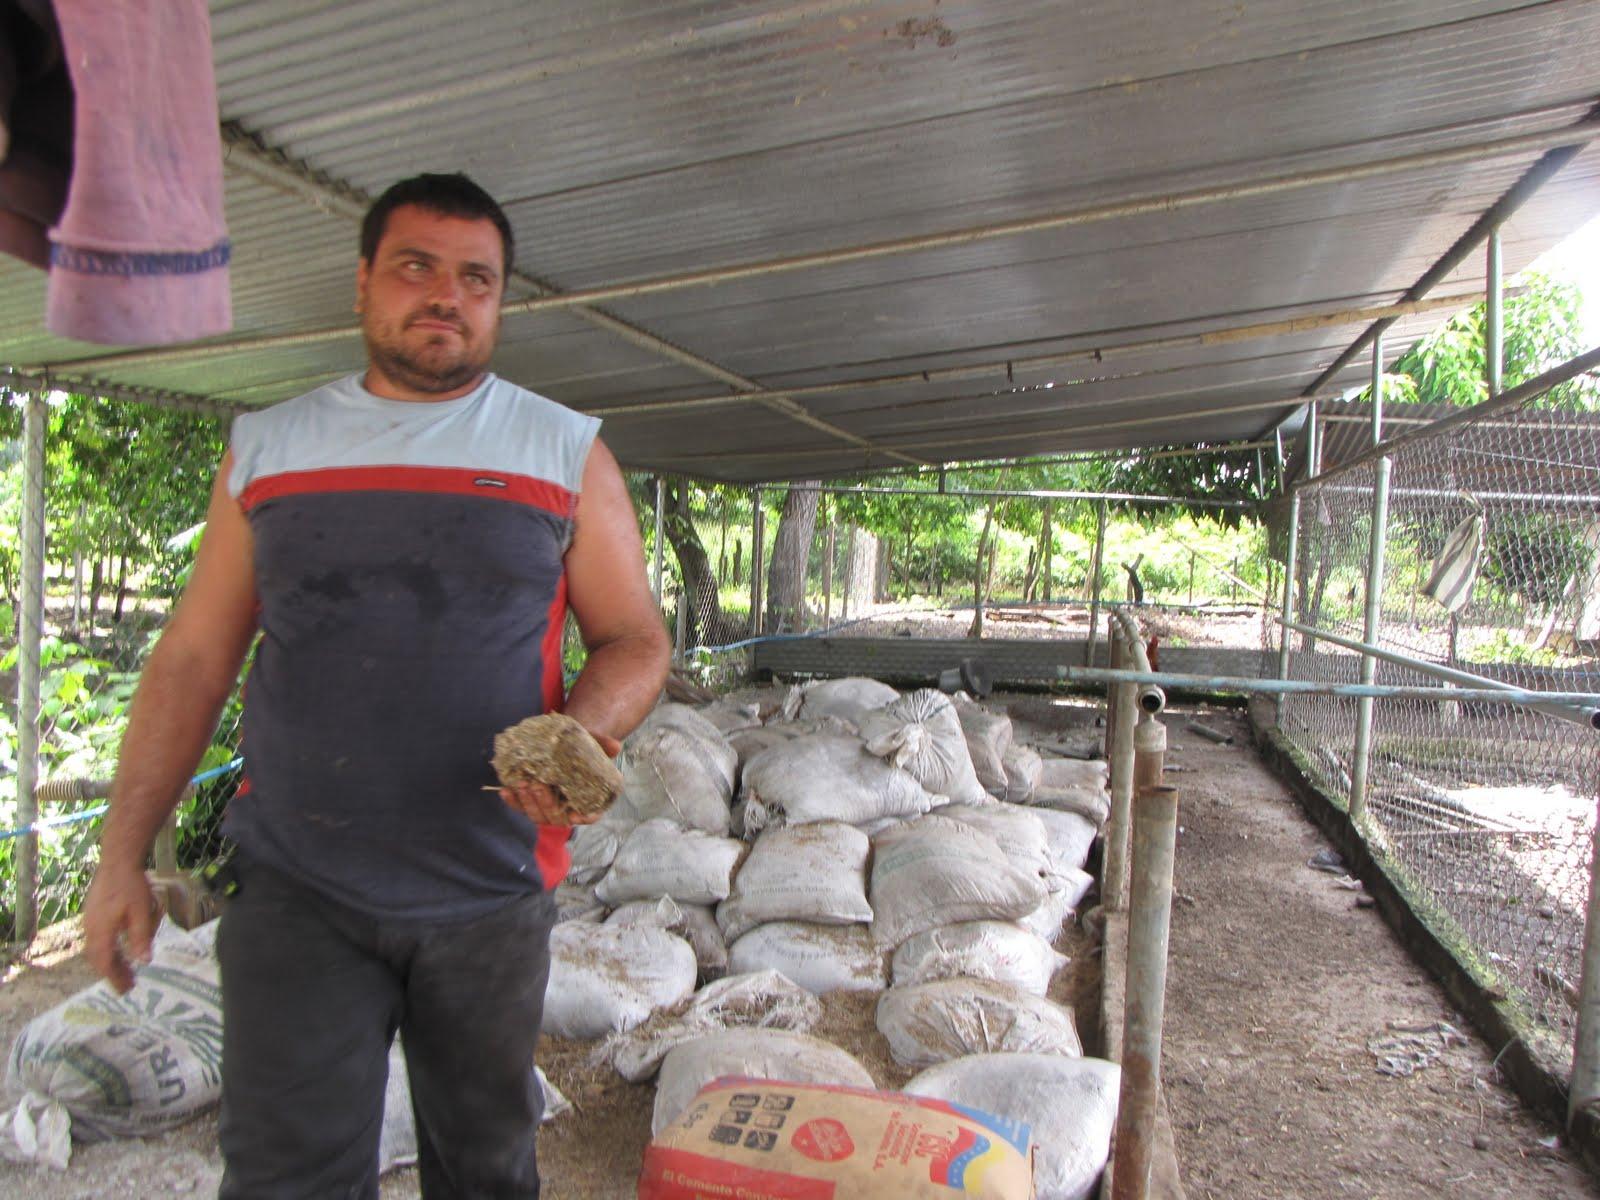 Llano extremo la creatividad aplicada a la piscicultura for Alimento para cachamas